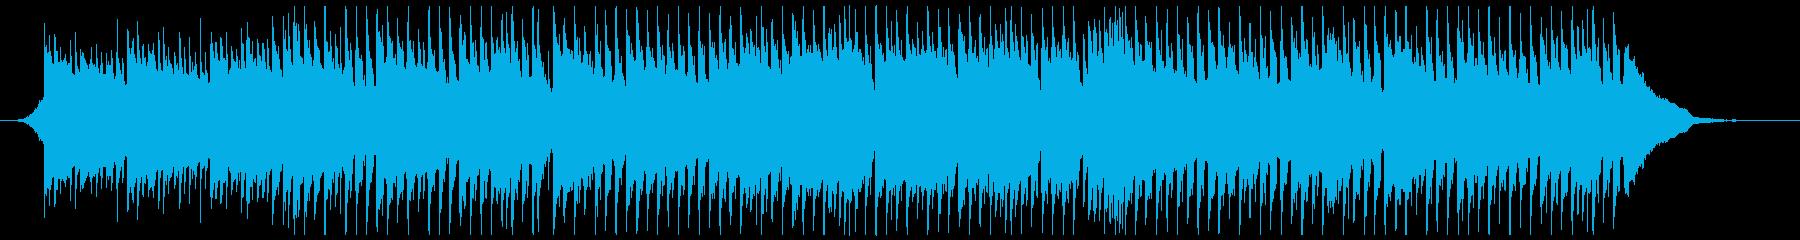 ベル キラキラ EDM TIKTOKの再生済みの波形